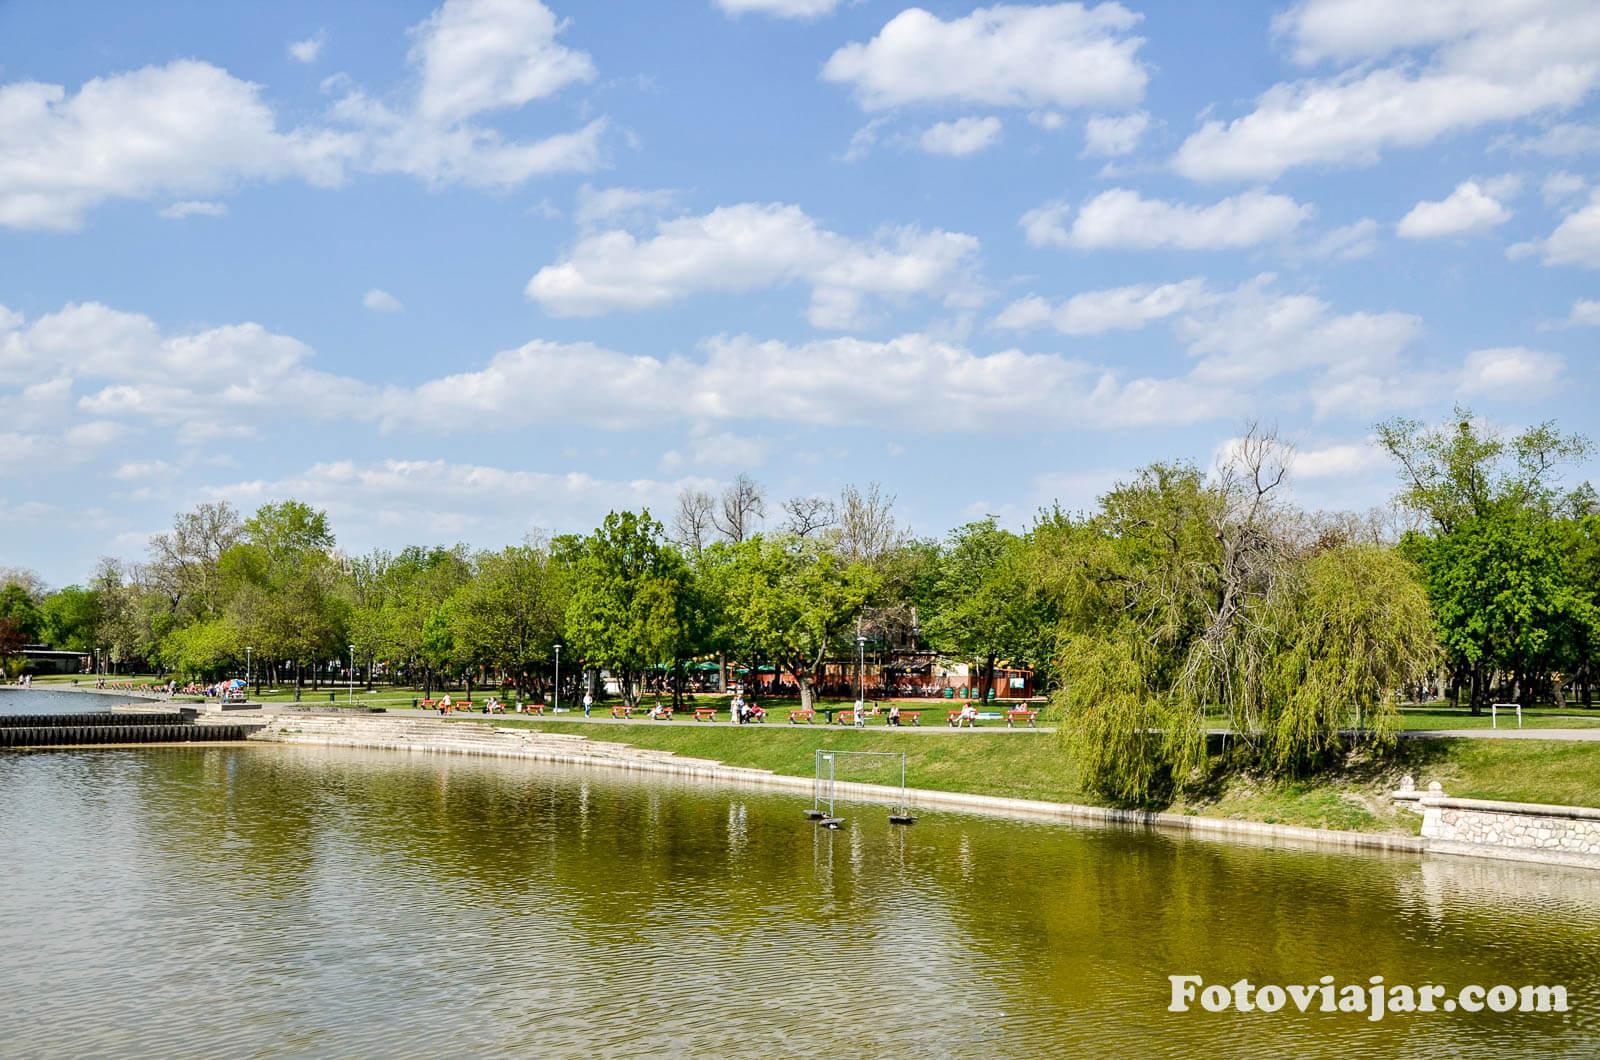 varosliget parque cidade budapeste